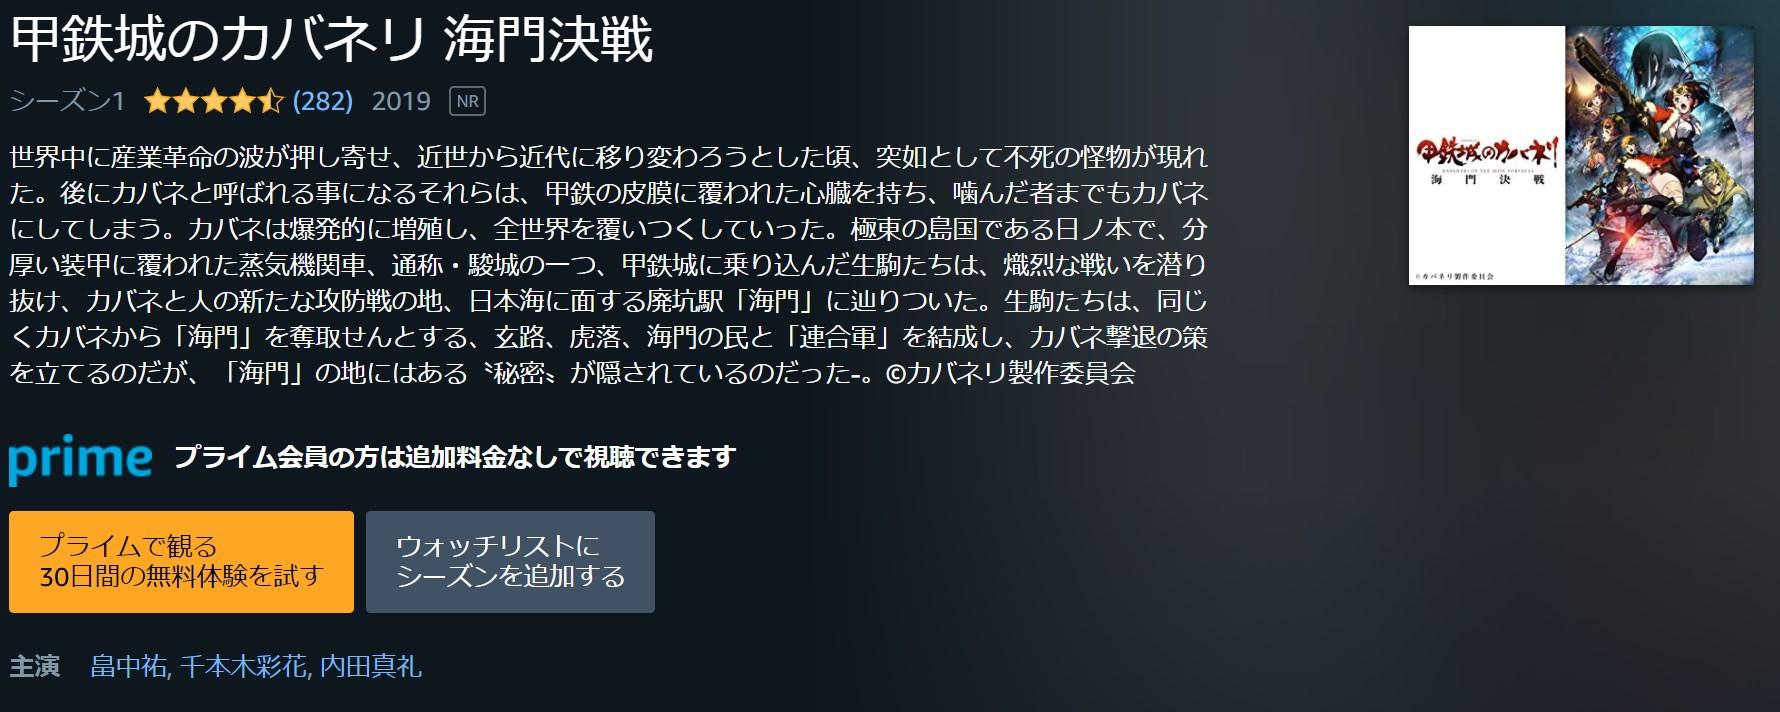 映画劇場版「甲鉄城のカバネリ 海門決戦」高画質の動画配信サービスAmazonプライムビデオ